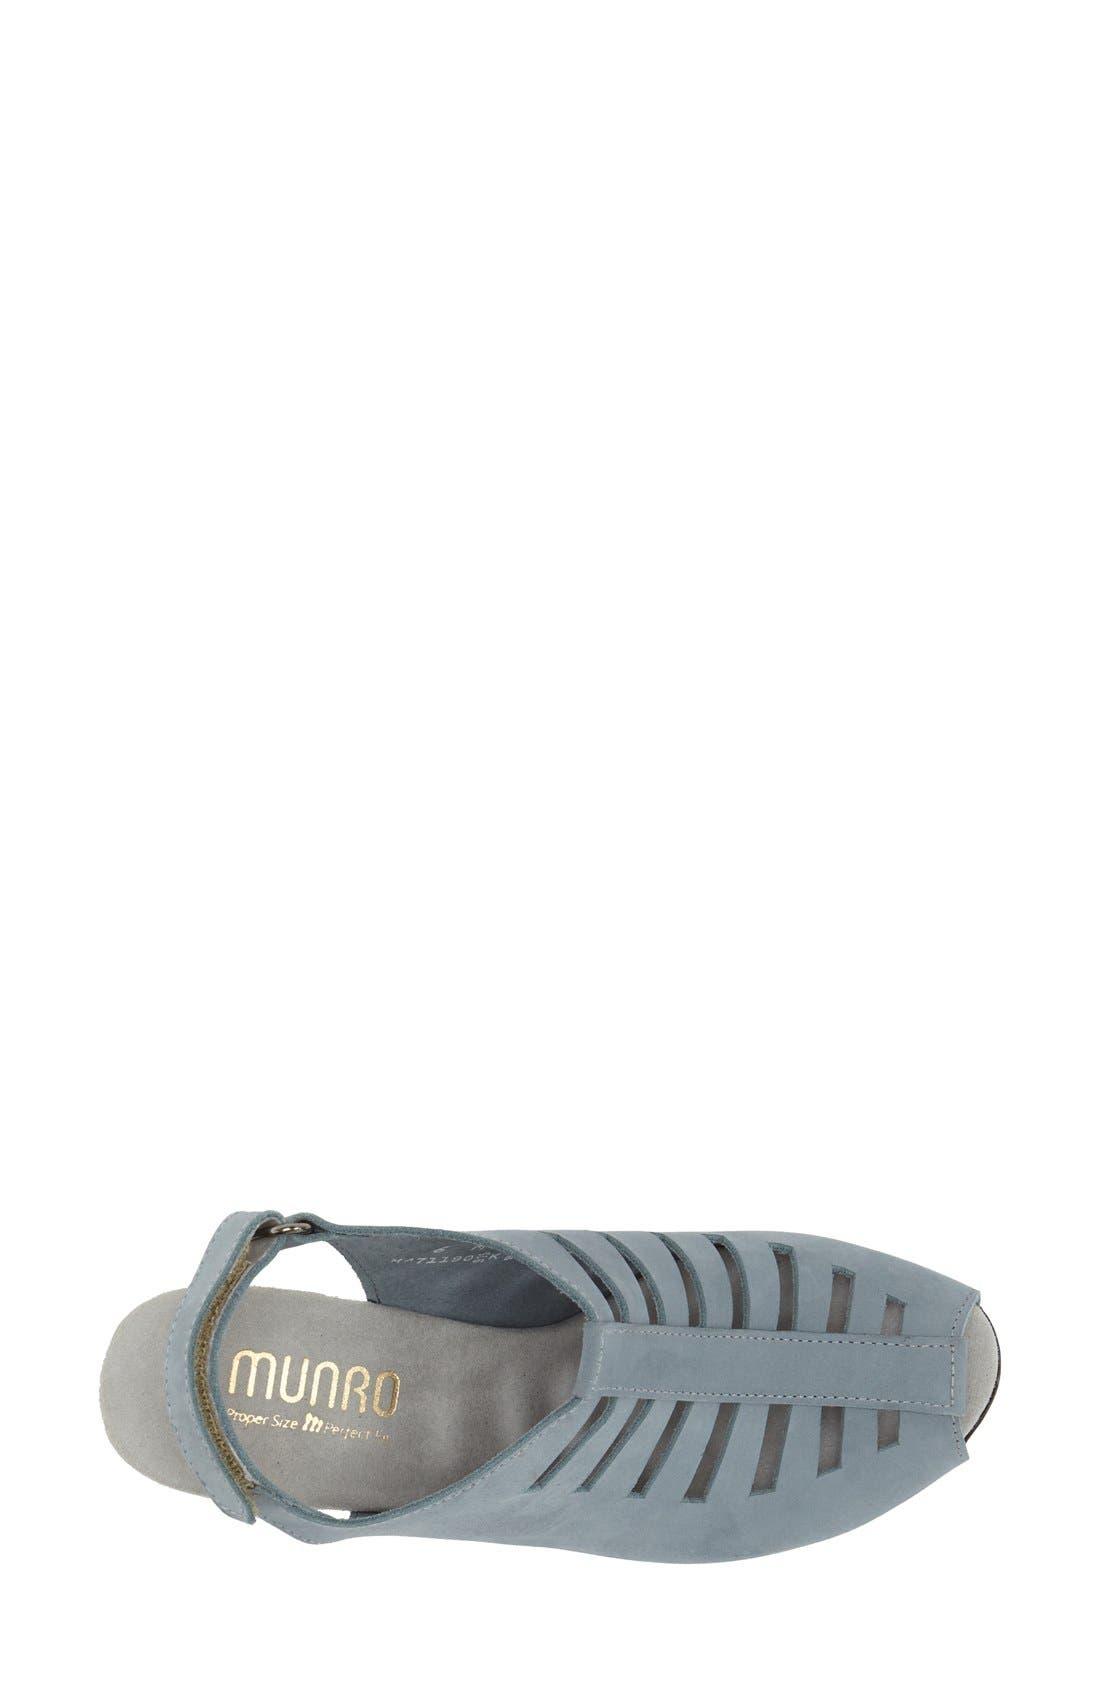 Alternate Image 3  - Munro 'Abby' Slingback Sandal (Women)